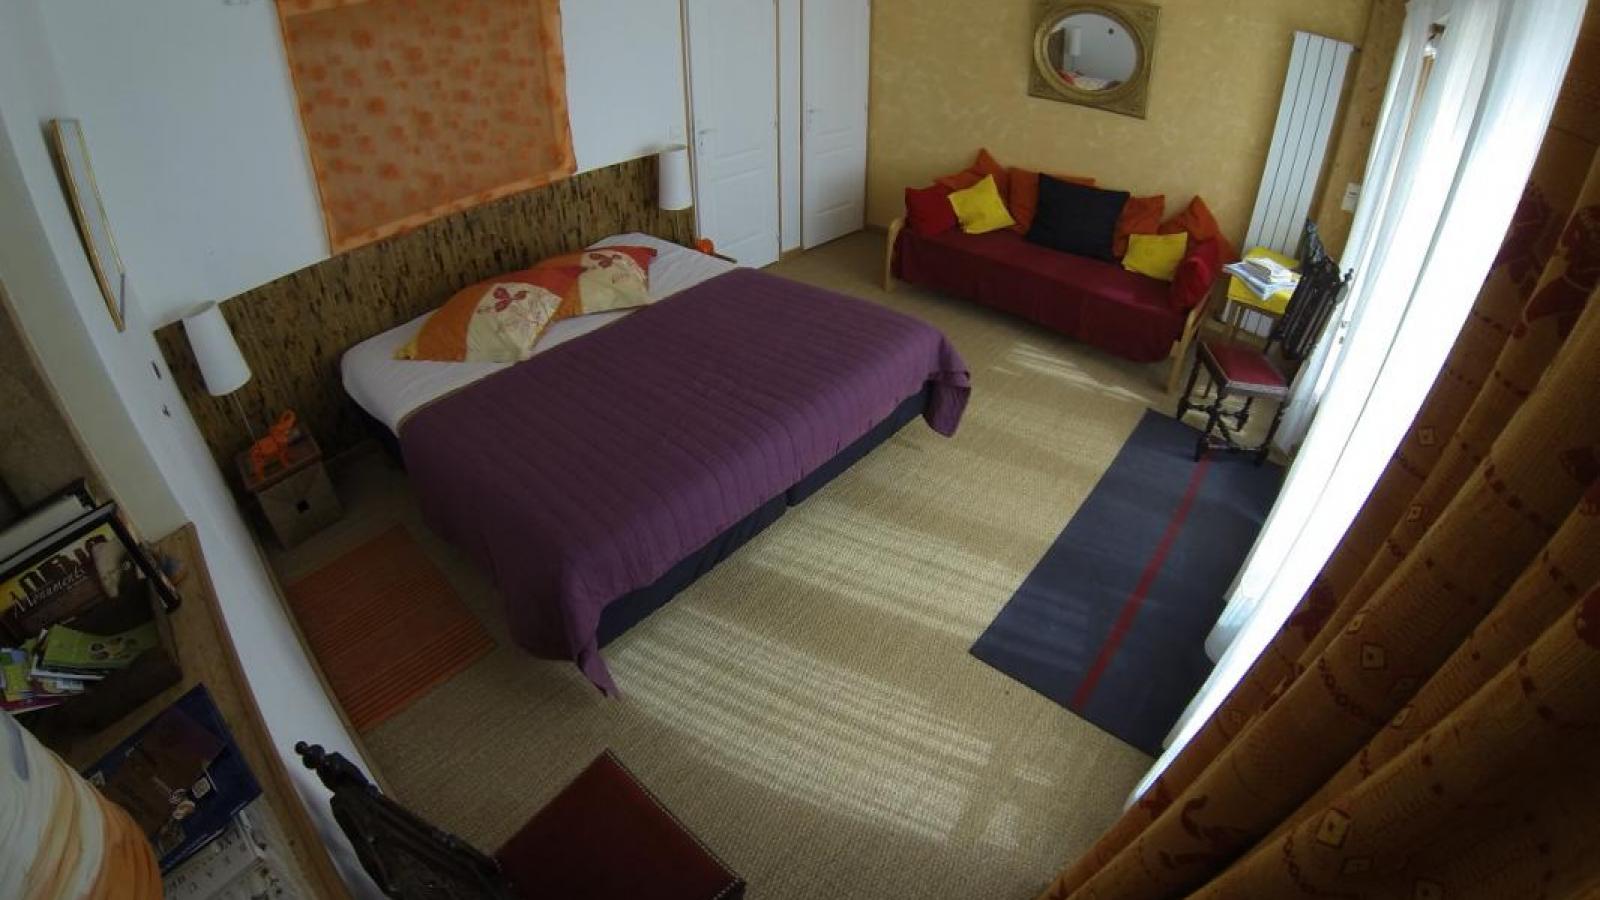 Chambres d'Hôtes 'Les Fées du Fay' à Marchampt dans le Beaujolais - Rhône : 'Le Samovar'.